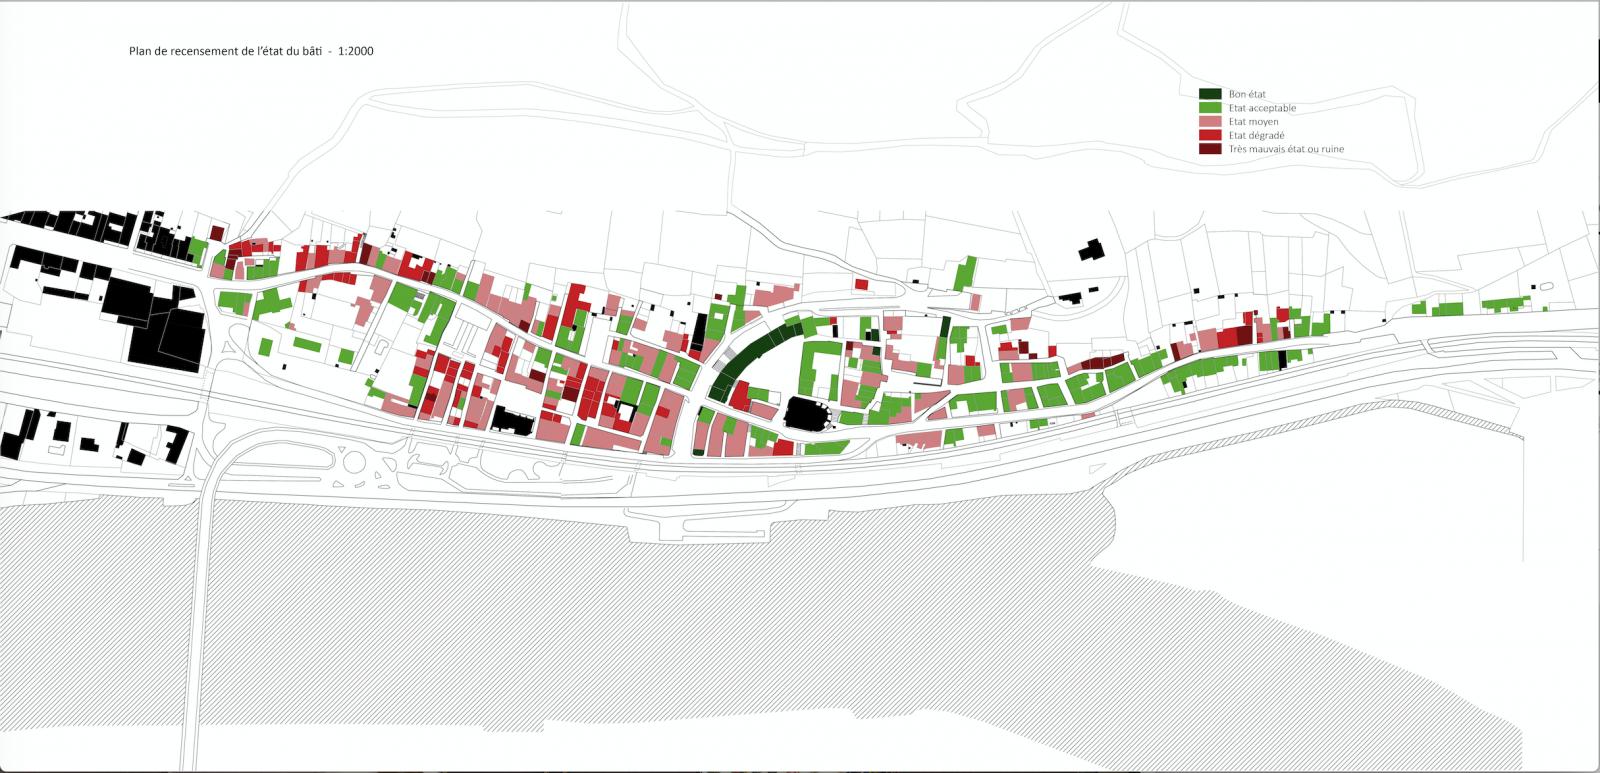 Carte montrant l'état du bâti de Port-Sainte-Marie (47) bourg installé au bord de la Garonne, étude préalable à la revalorisation du cœur de ville Port Sainte-Marie. © Atelier du Rouget, 2018.